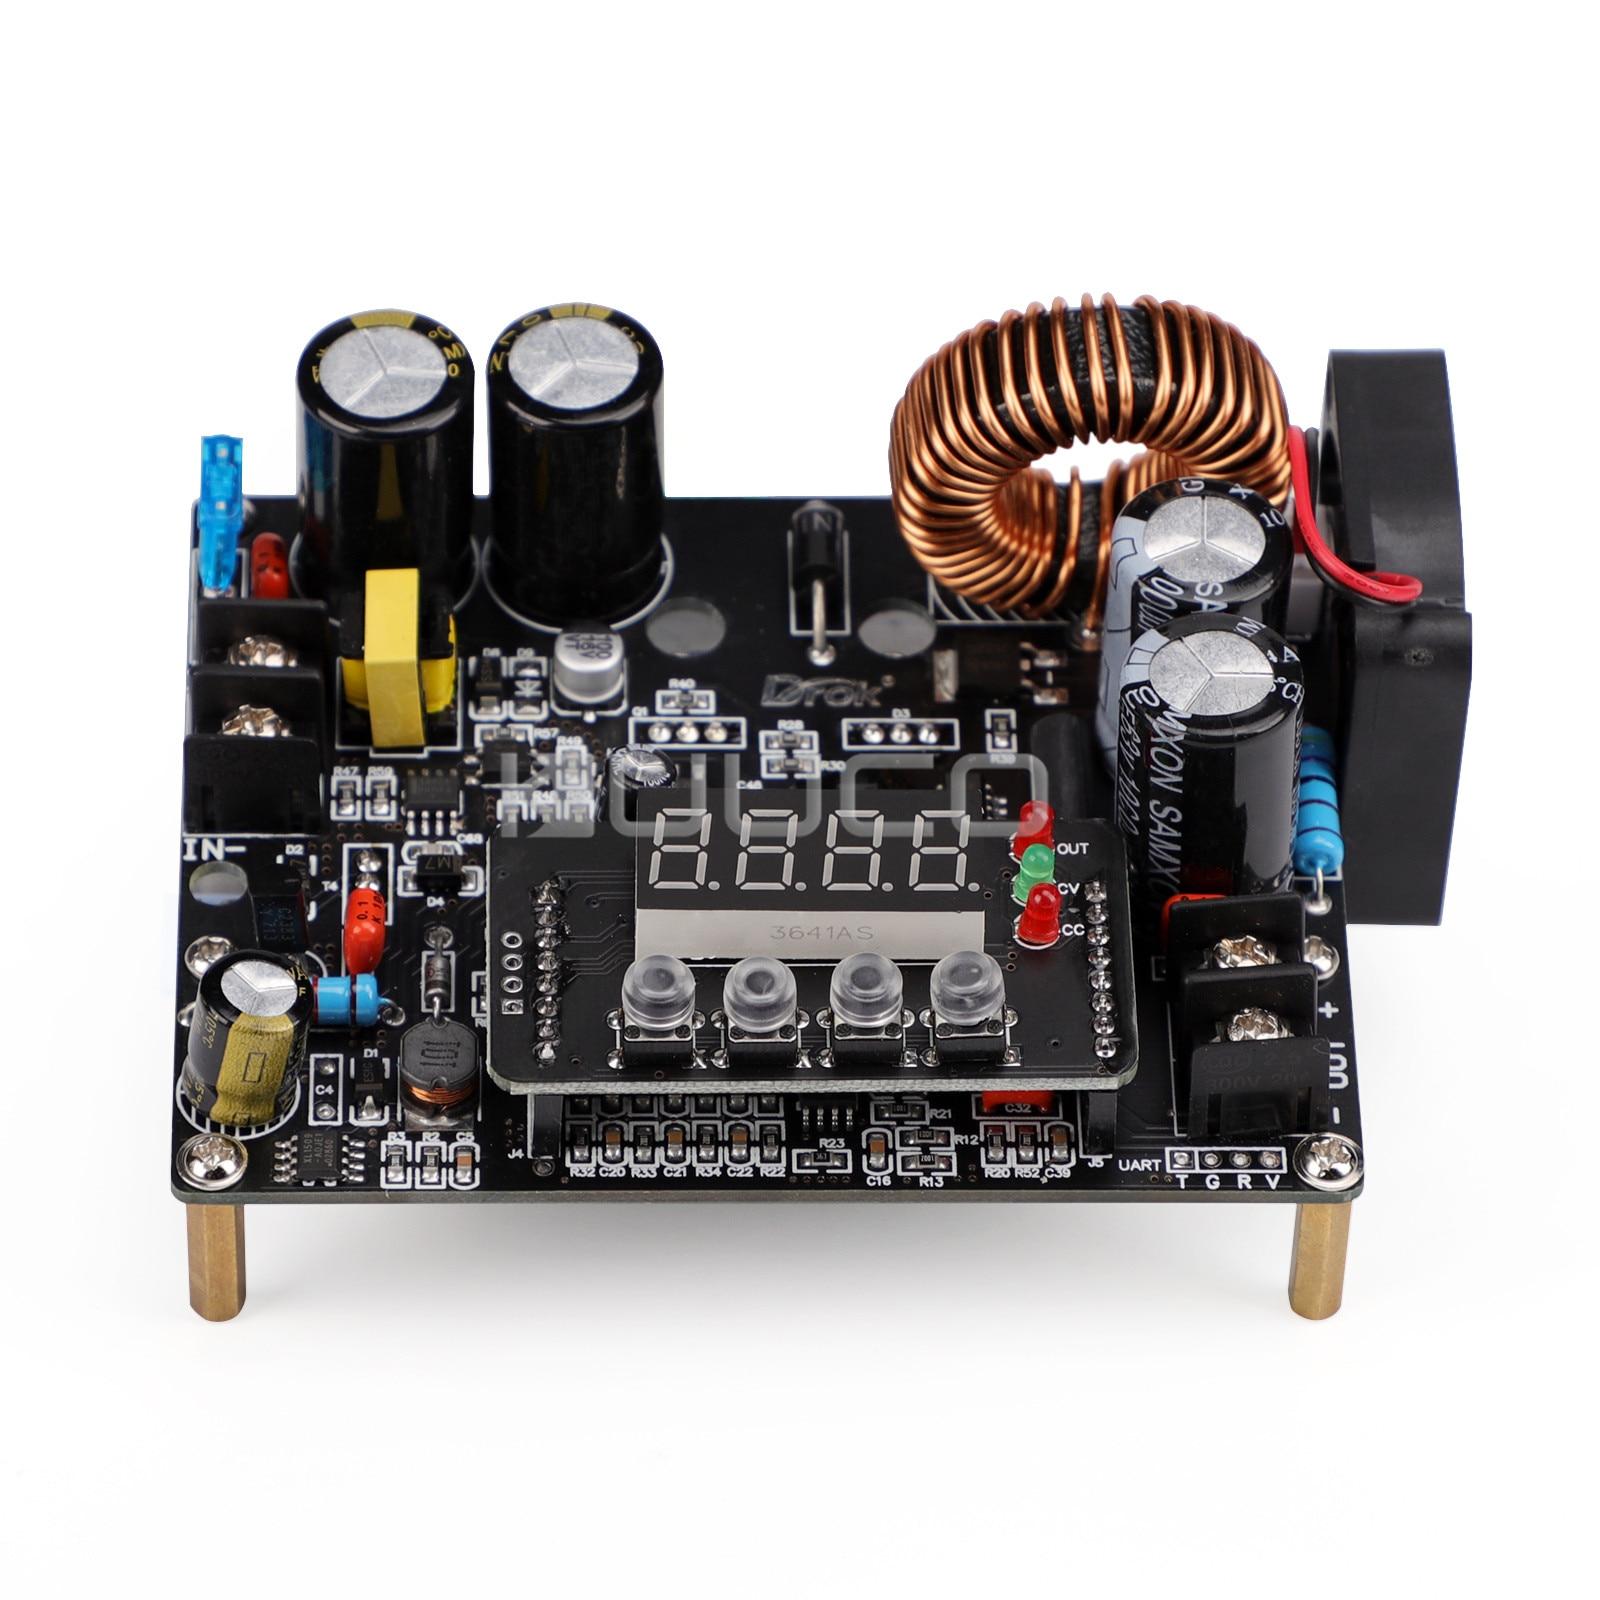 DROK-وحدة إمداد الطاقة الرقمية ، منظم الجهد 12 فولت 24 فولت 36 فولت 48 فولت تيار مستمر 10-65 فولت إلى 0 ~ 60 فولت 12 أمبير 720 واط ، محول CNC